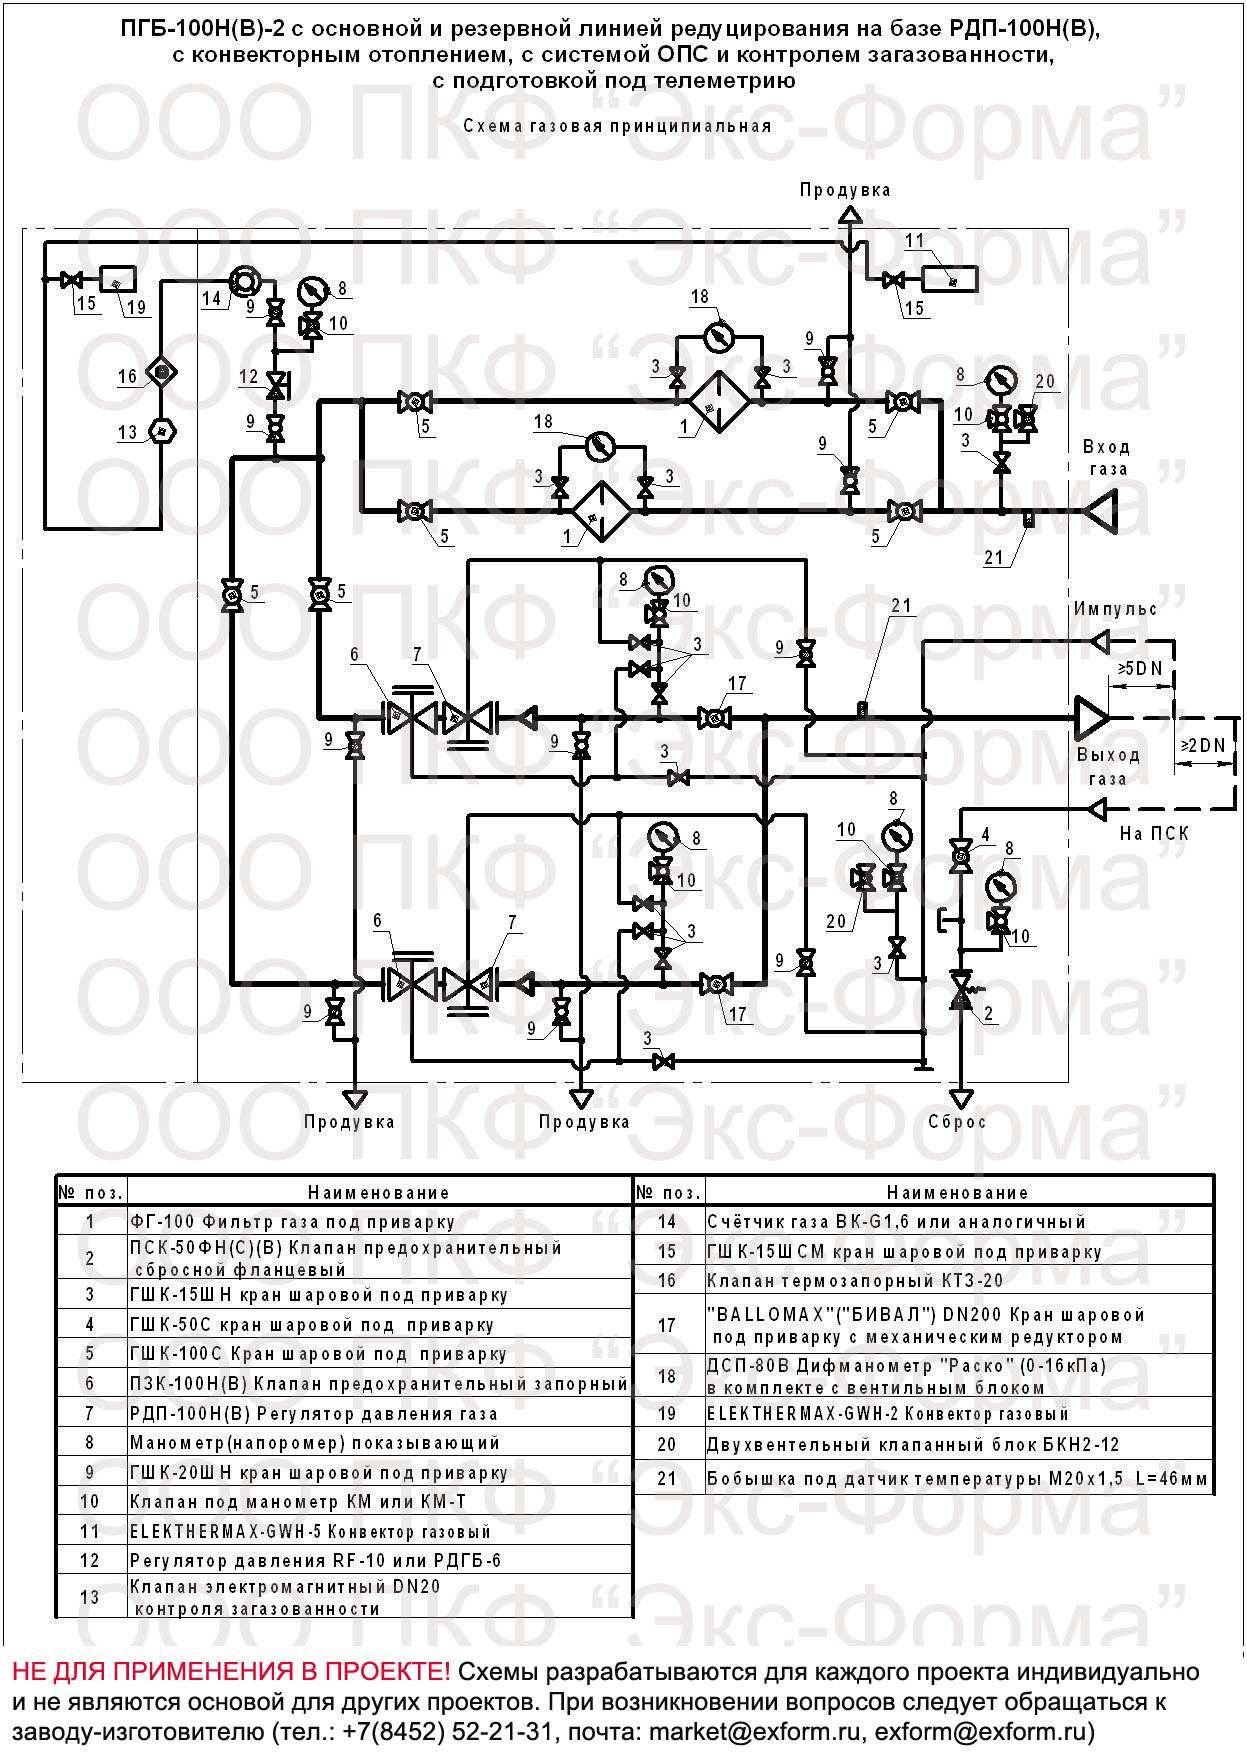 газовая схема ПГБ-100Н-2, ПГБ-100В-2 с АОГВ